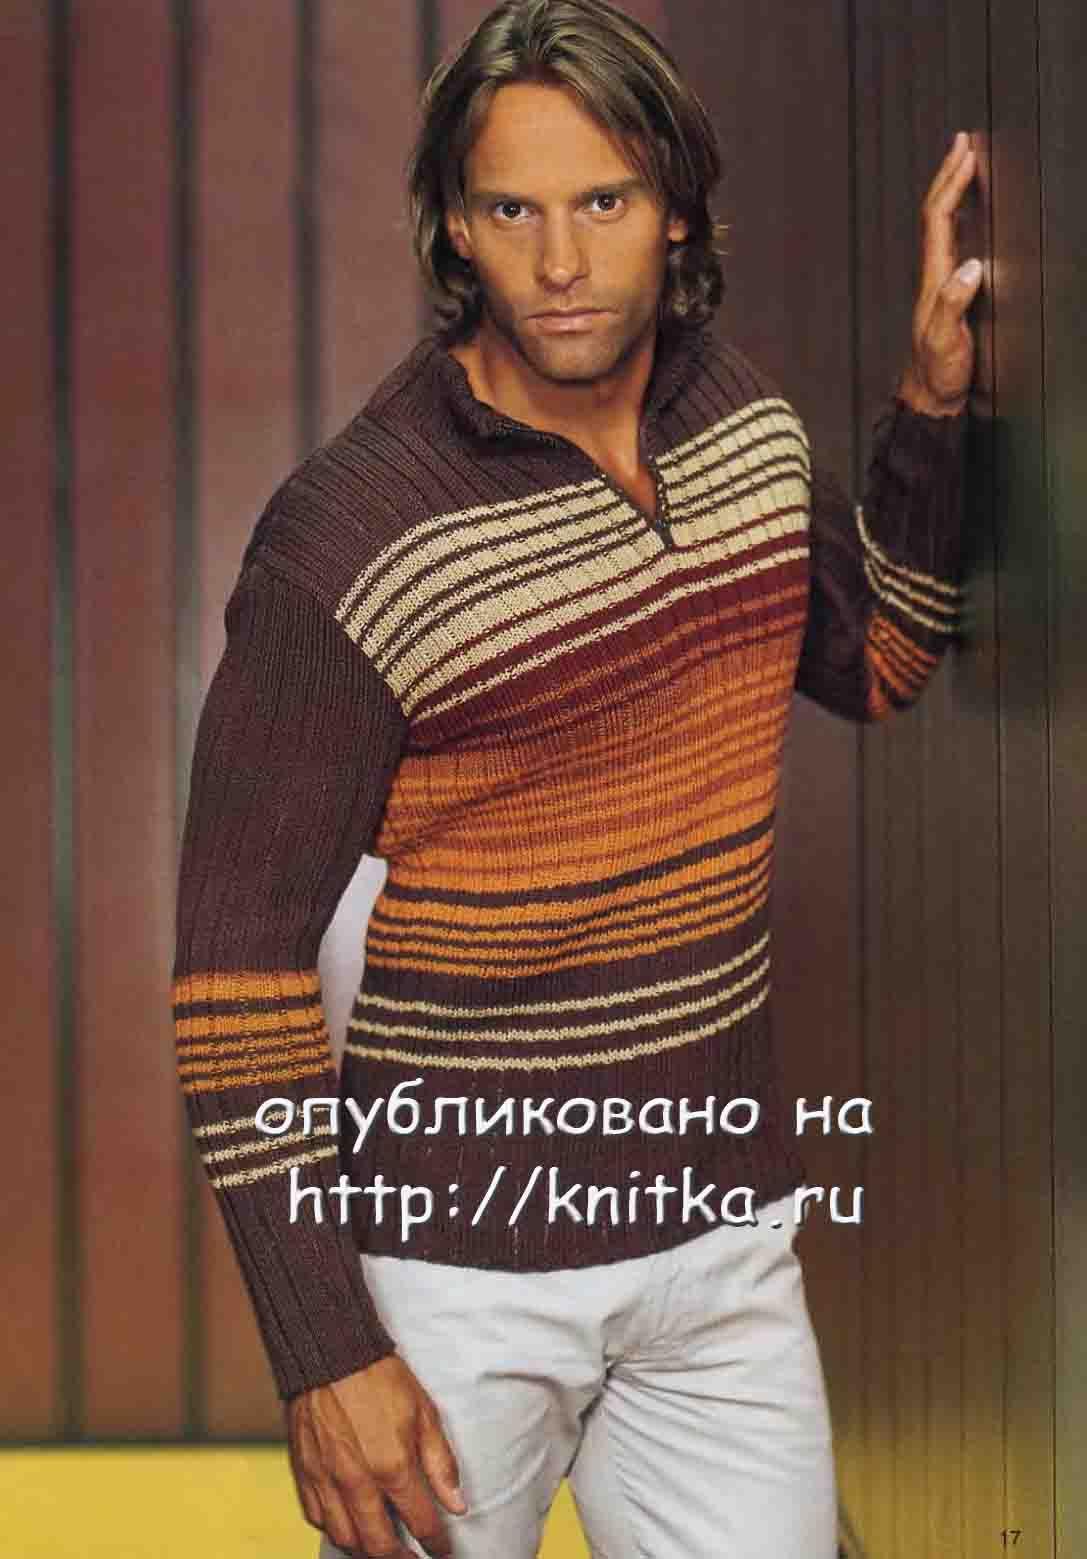 Вязанные мужские свитера спицами со схемами.